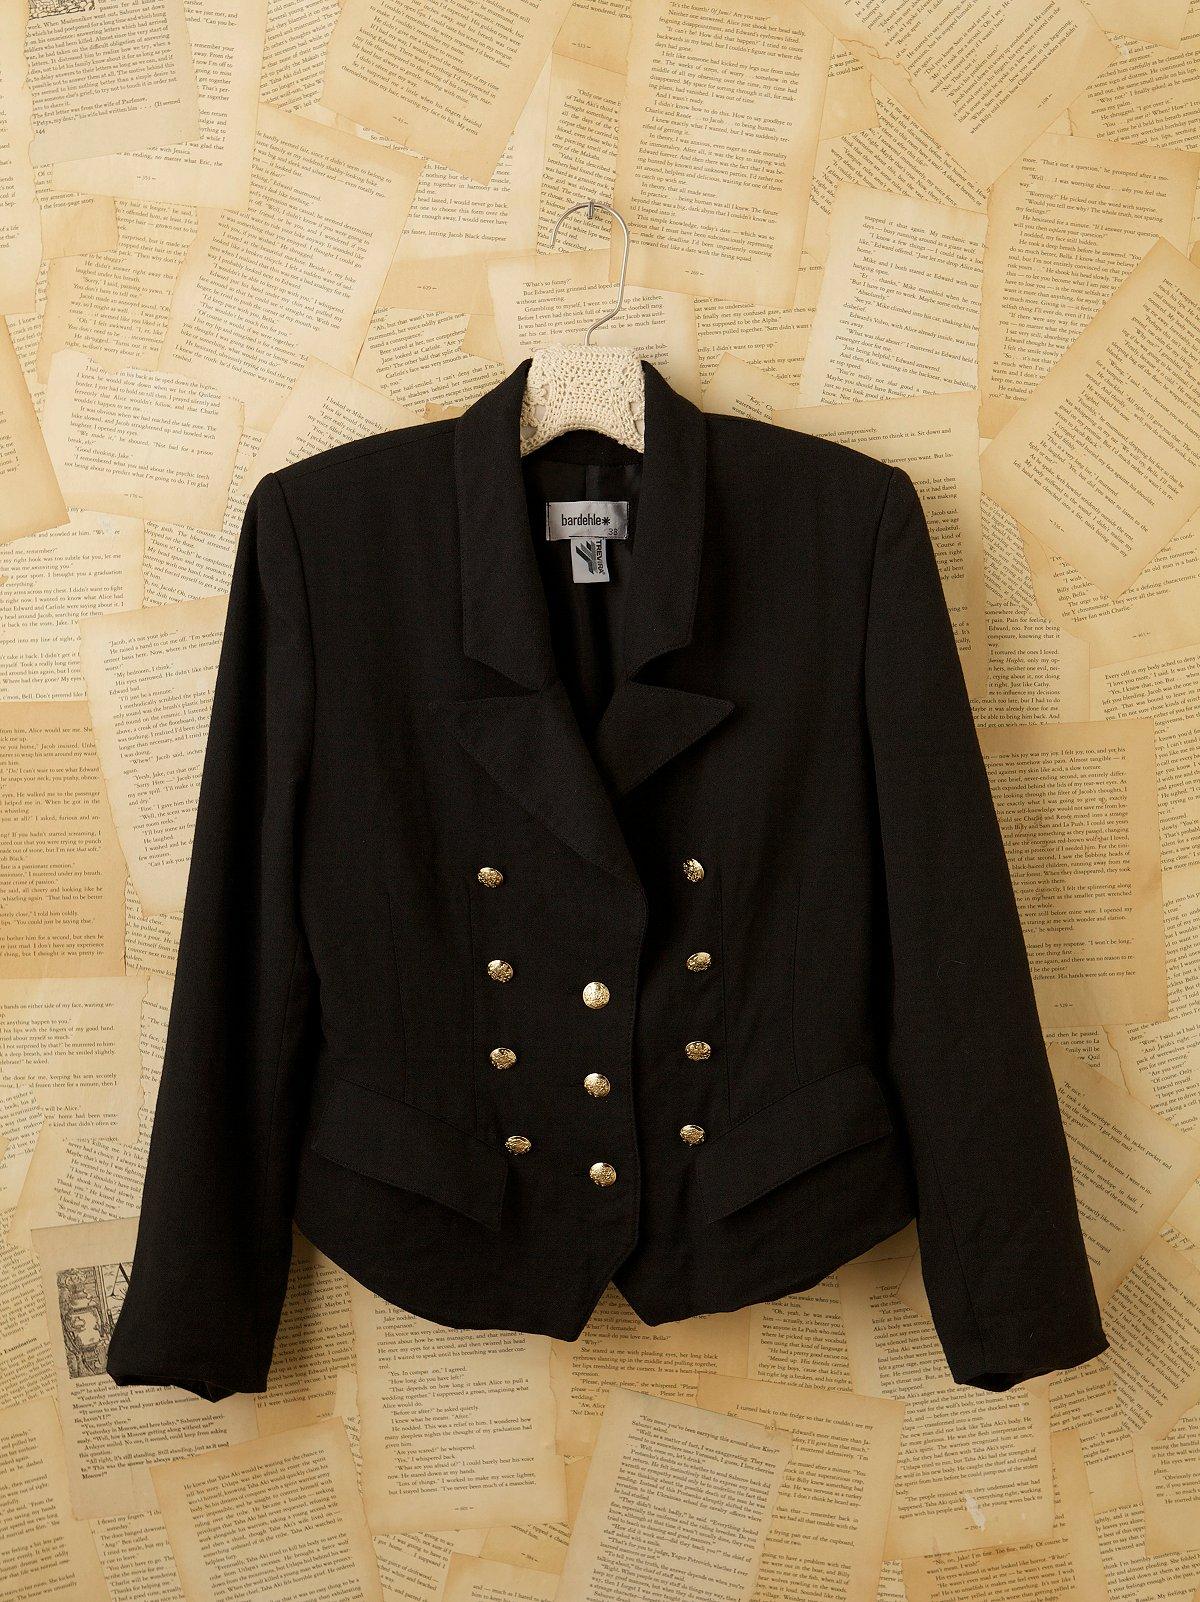 Vintage 1970s Women's Blazer